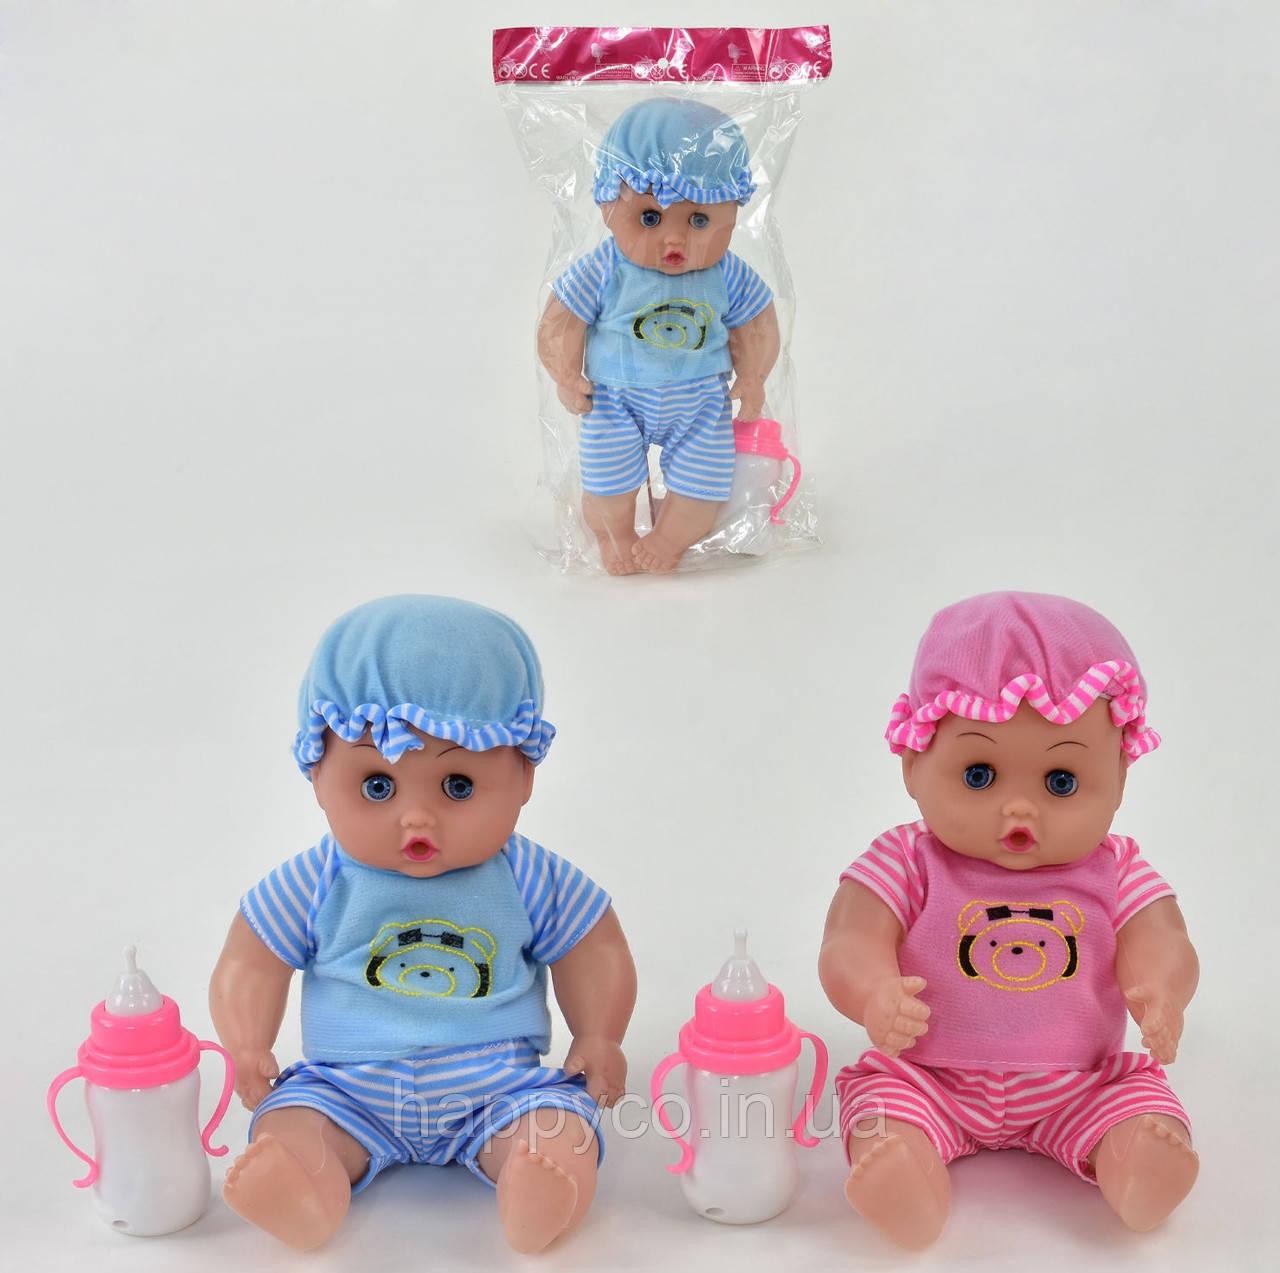 Детская игрушка Пупс музыкальный